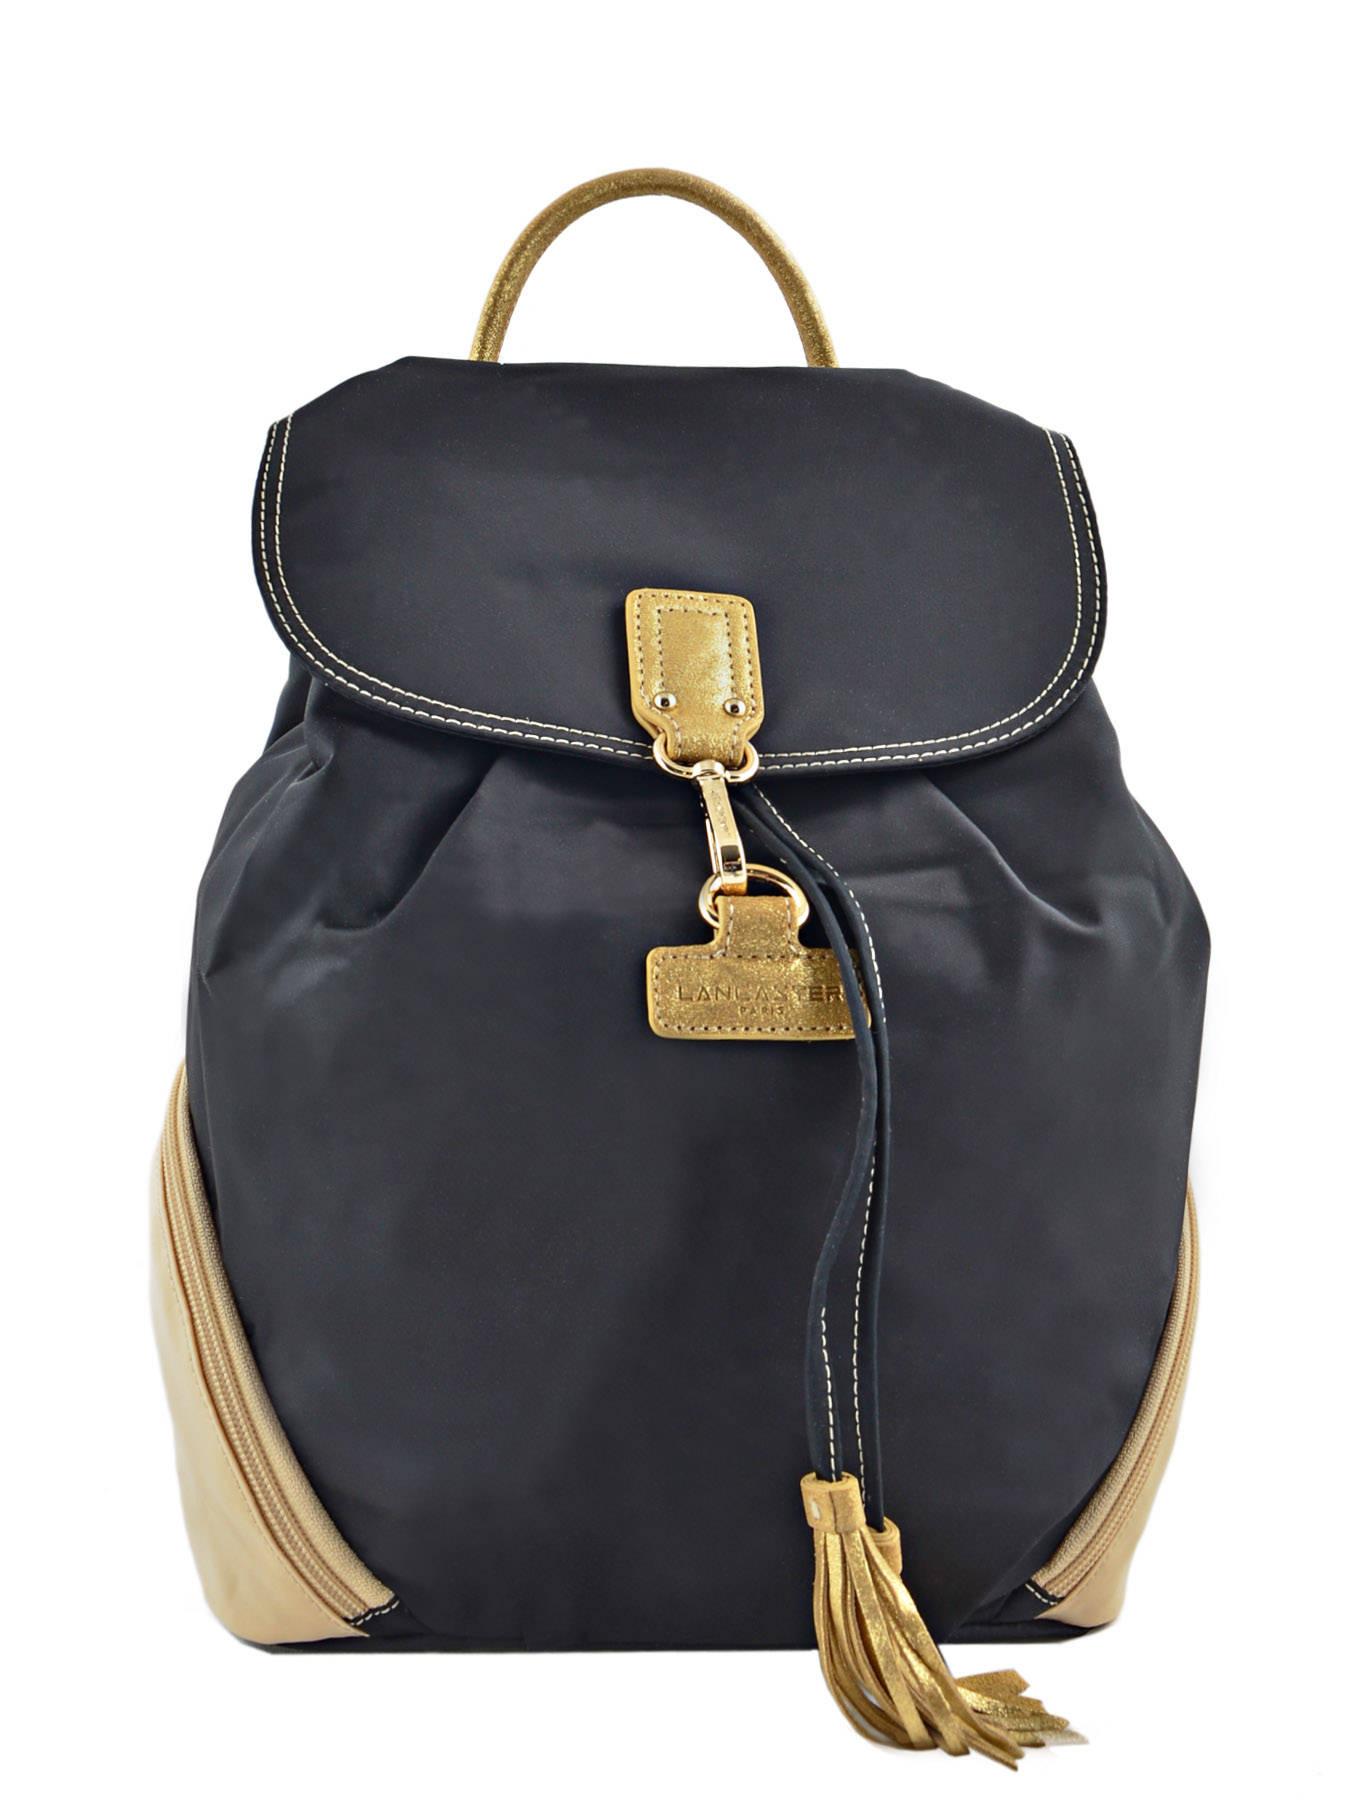 sac dos lancaster basic pompom noir beige or en vente au. Black Bedroom Furniture Sets. Home Design Ideas